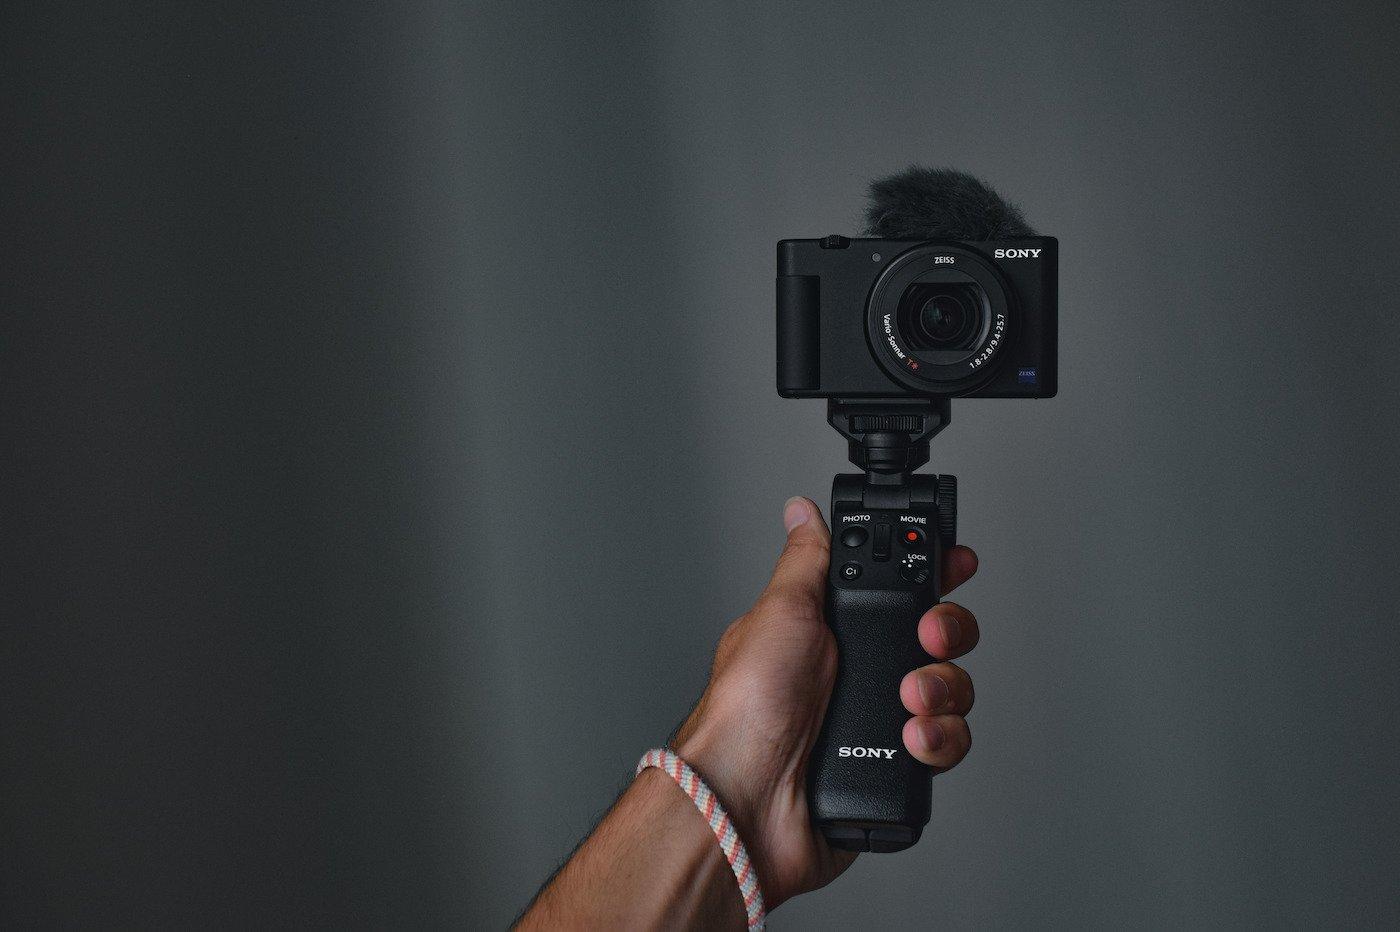 Sony ZV1 vlog kit